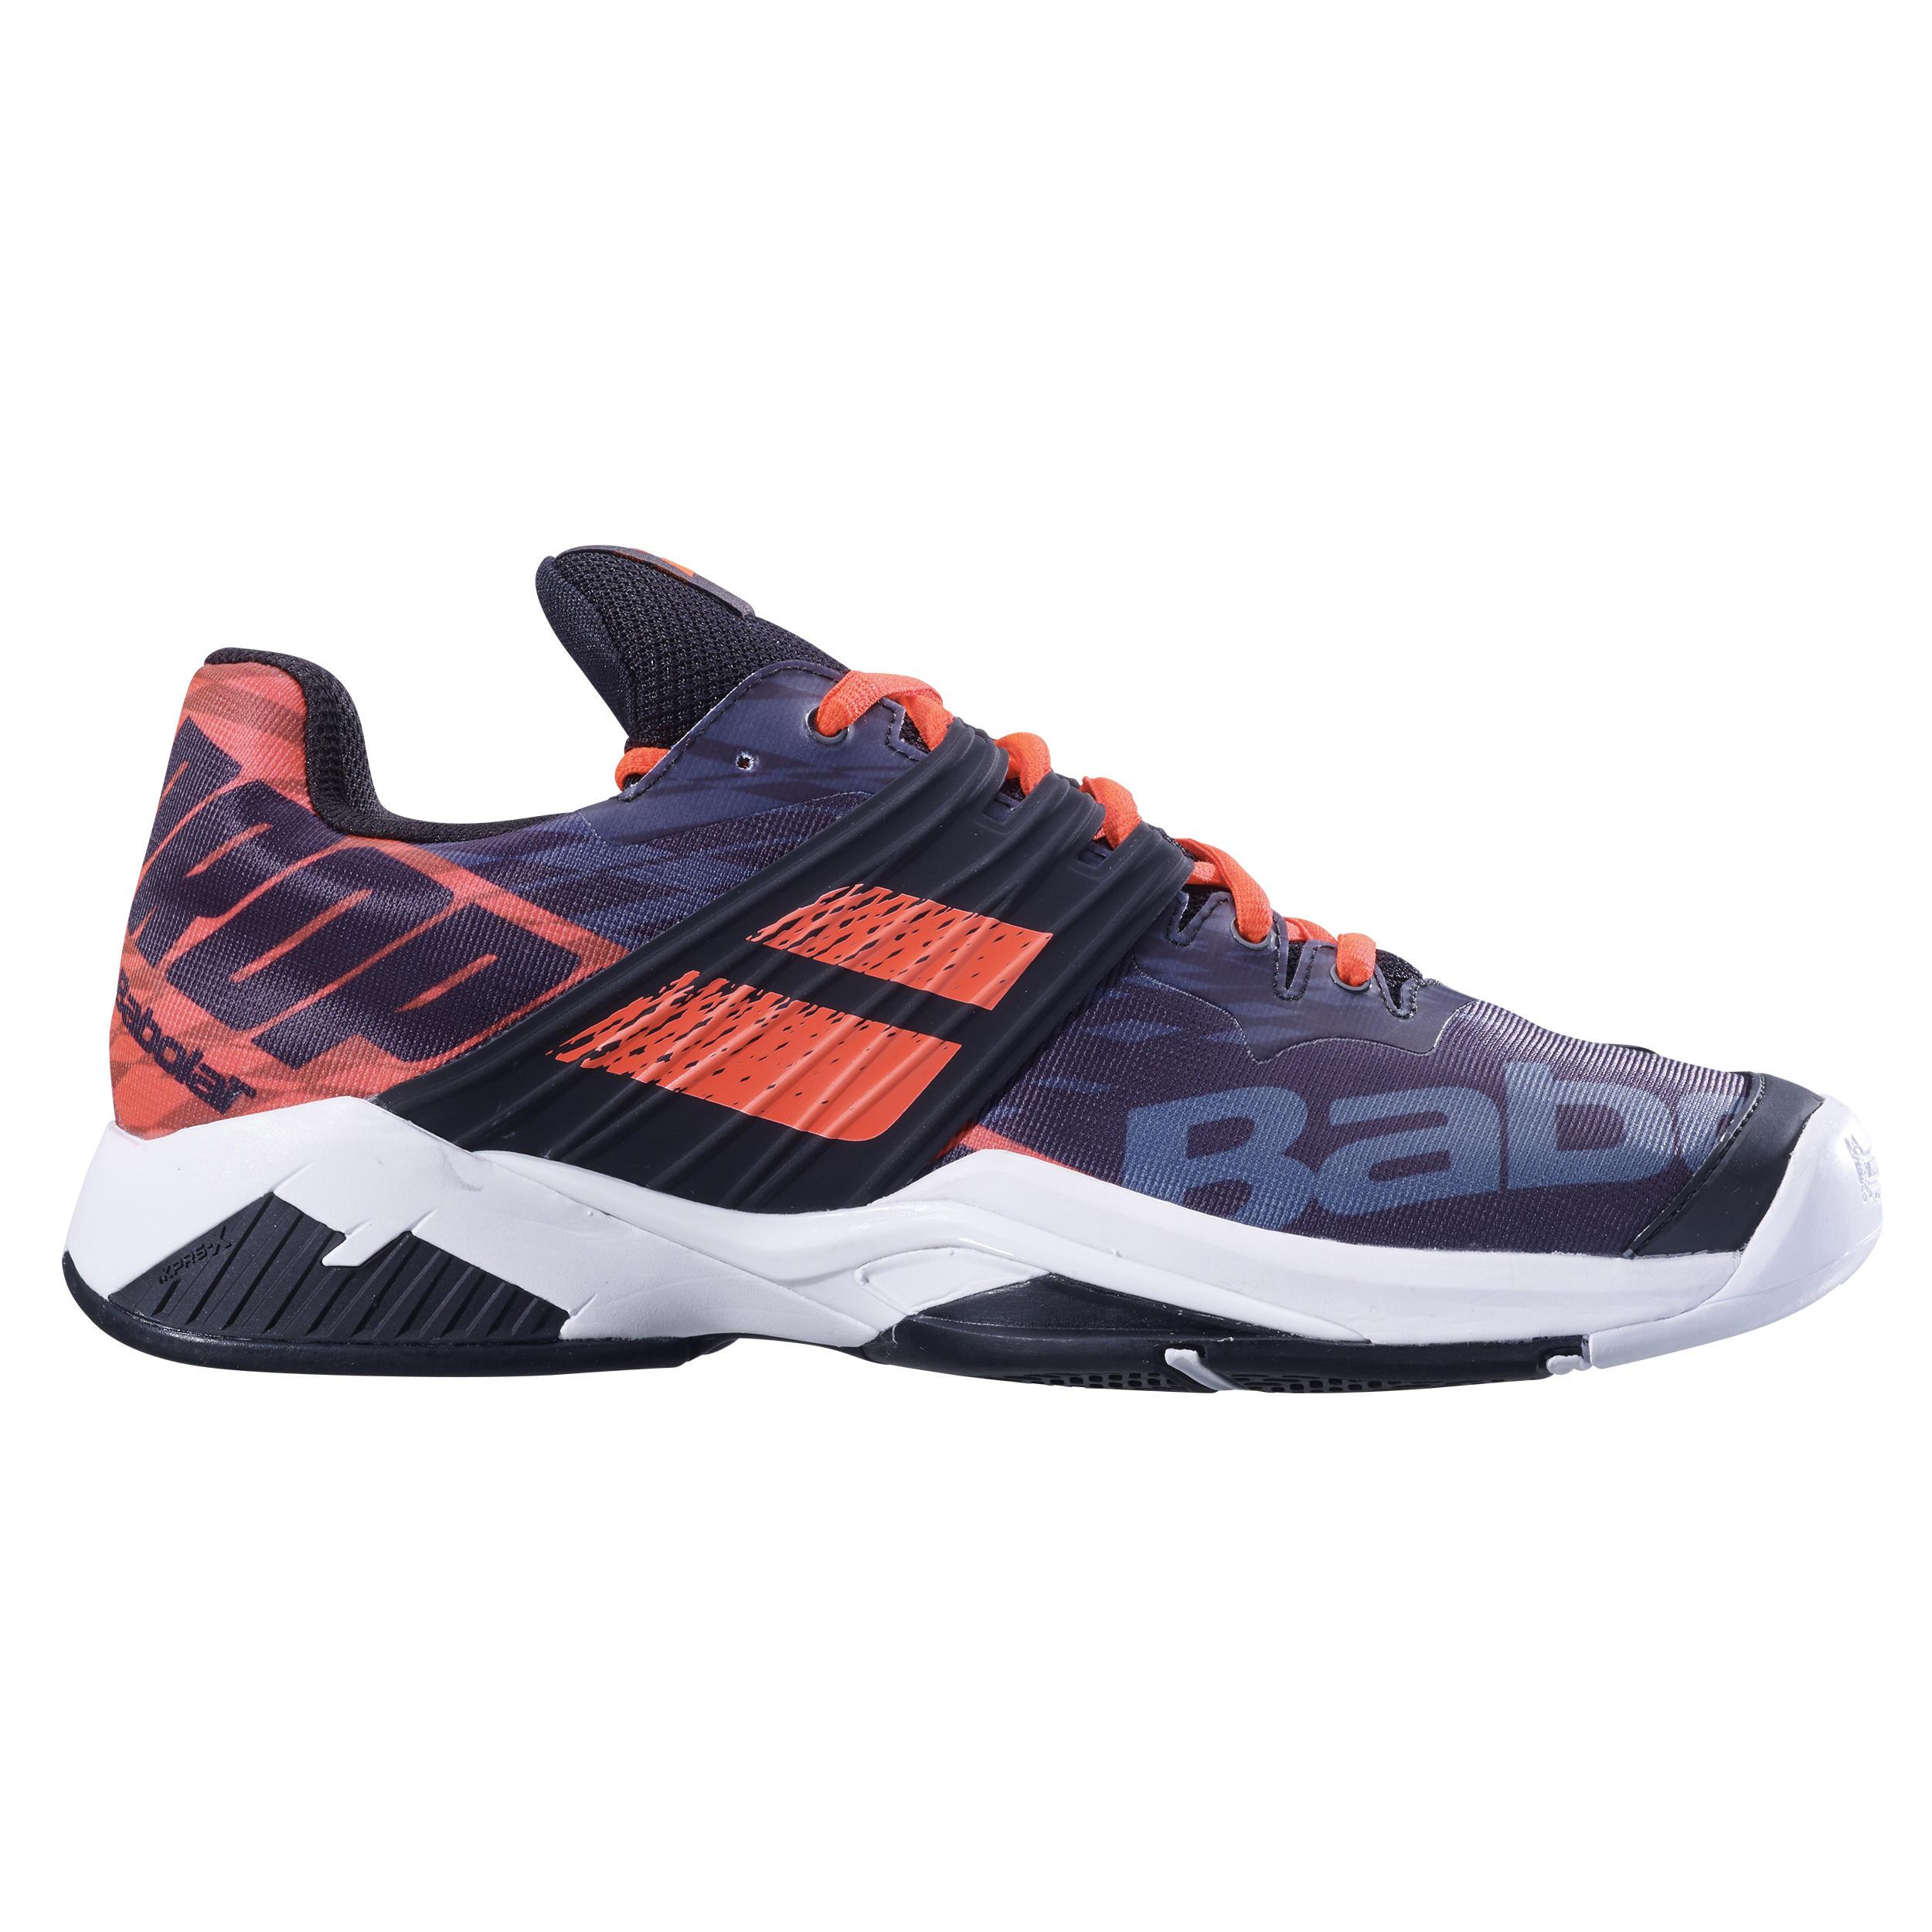 wholesale dealer usa cheap sale new collection Chaussures de Tennis | DECATHLON